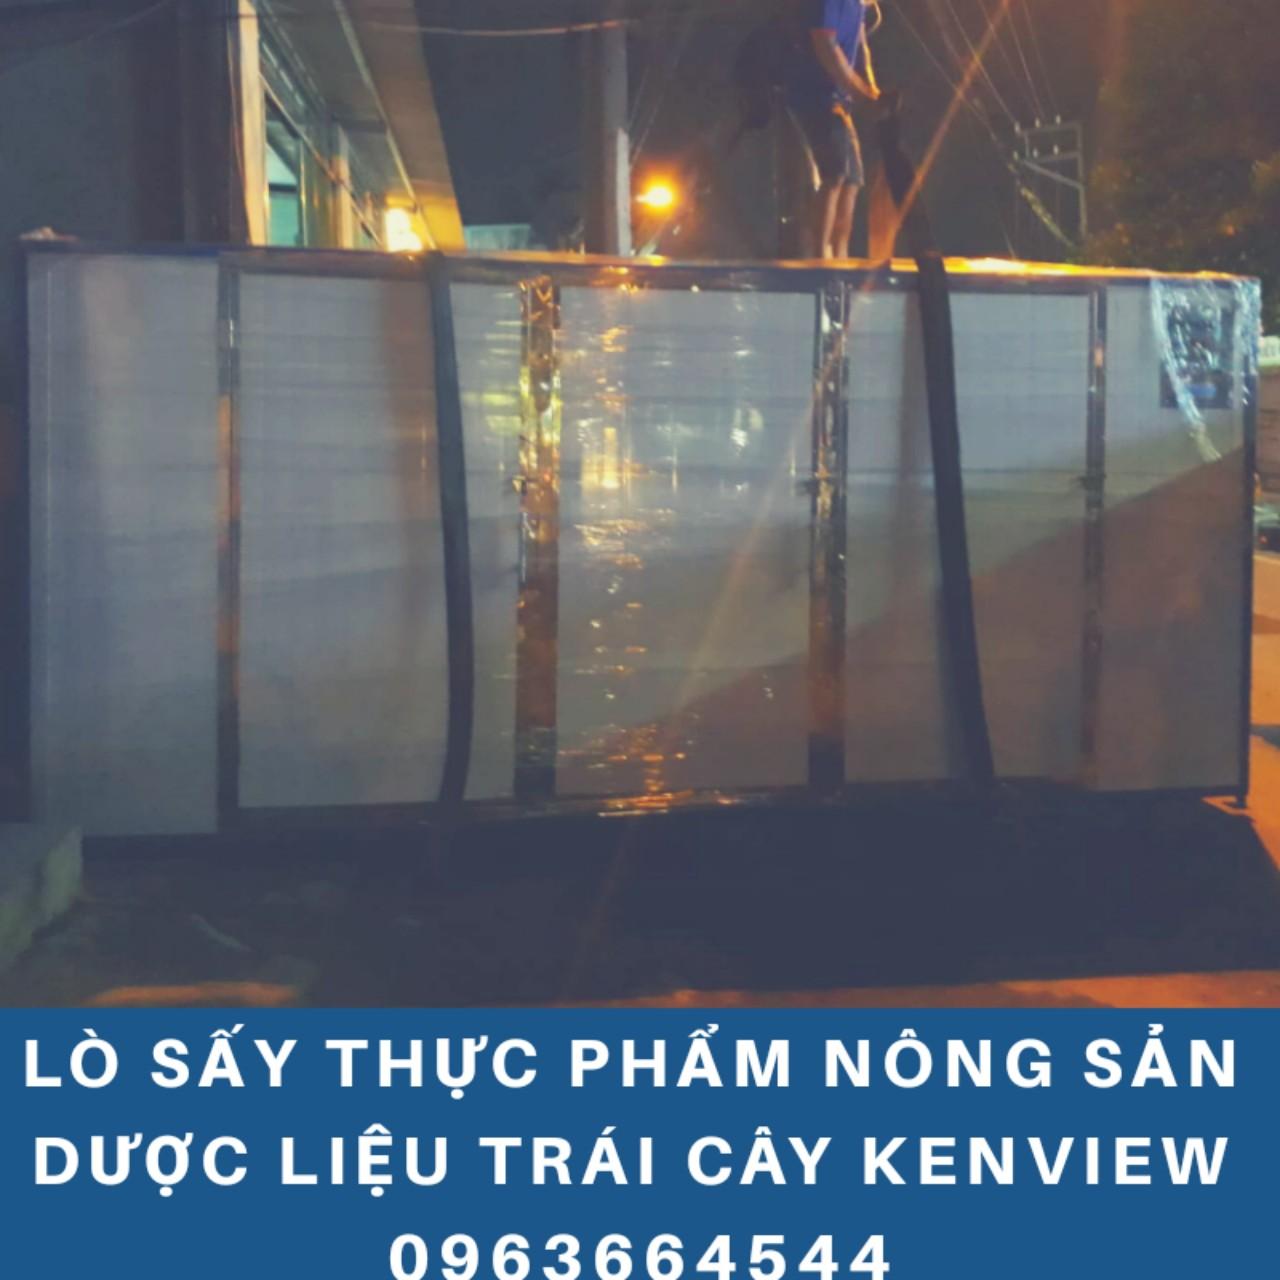 Kenview cung cấp máy sấy khô gà, khô heo, khô bò ở Hà Nội